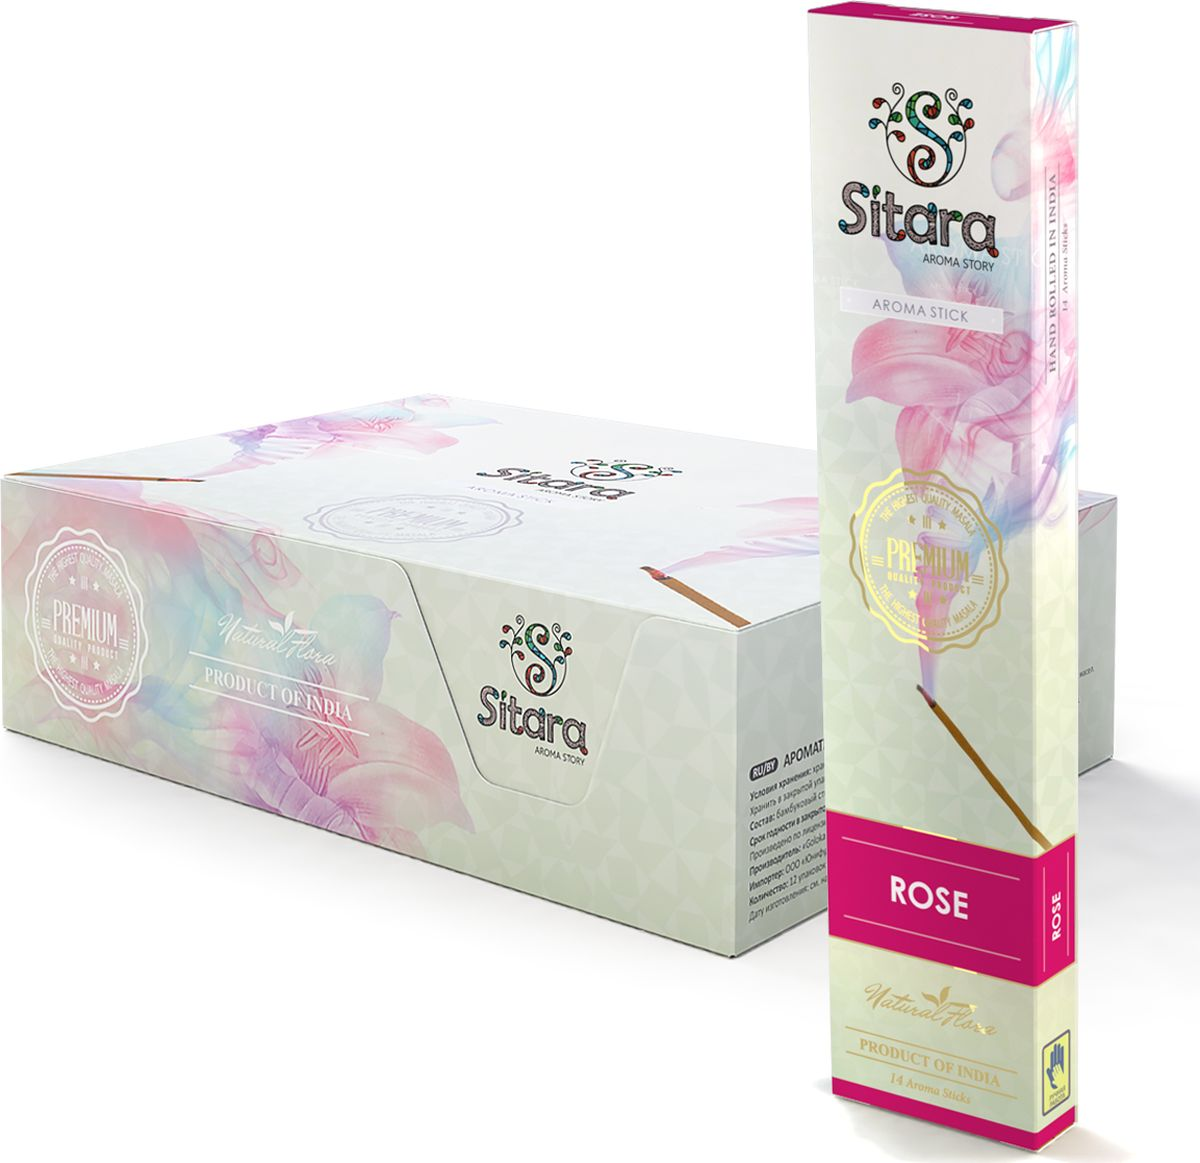 Ароматические палочки Sitara Premium Rose, 14 палочек10326Обзор:Благоухающий цветочный аромат розы создает комфортную обстановку, умиротворяет и помогает привести ваши мысли в порядок. Способ применения:Поджечь сторону, противоположную бамбуковому основанию. Через несколько секунд после возгорания задуть пламя. Поставить ароматическую палочку в подставку, соблюдая необходимые меры пожарной безопасности.Состав:Бамбуковый стержень (Bamboo rod), натуральный мед (Honey), смола и пудра сандалового дерева (Resin and sandalwood powder), натуральная эссенция эфирных масел (Essential oils)С осторожностью: Людям страдающими заболеваниями дыхательных путей, аллергическими реакциями, при беременности.В блоке 12 пачек.